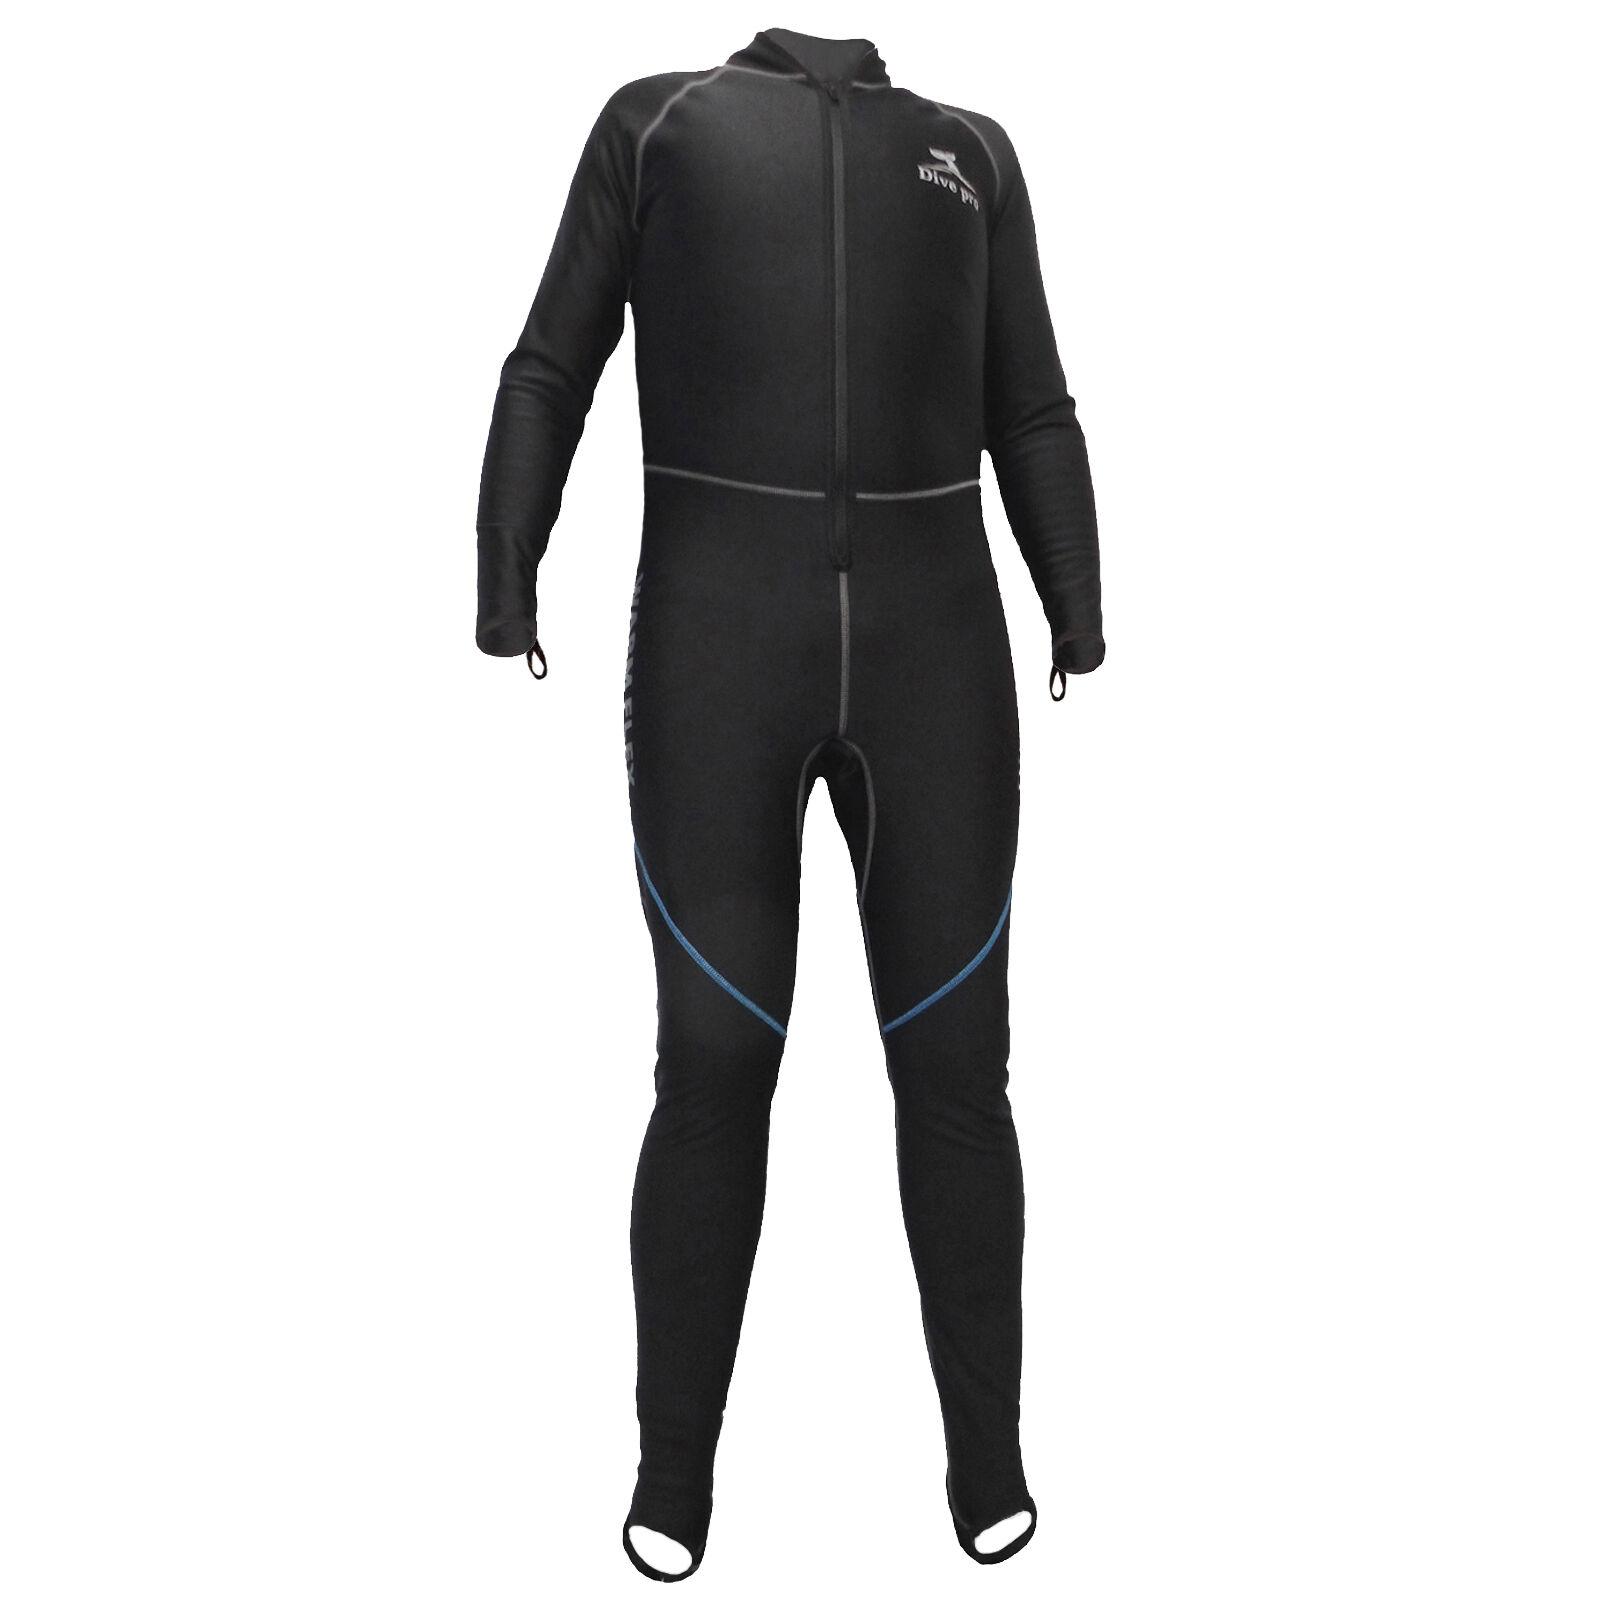 Dive Dive Dive pro Warmflex 1,5mm Complessivo Uomo e85e43